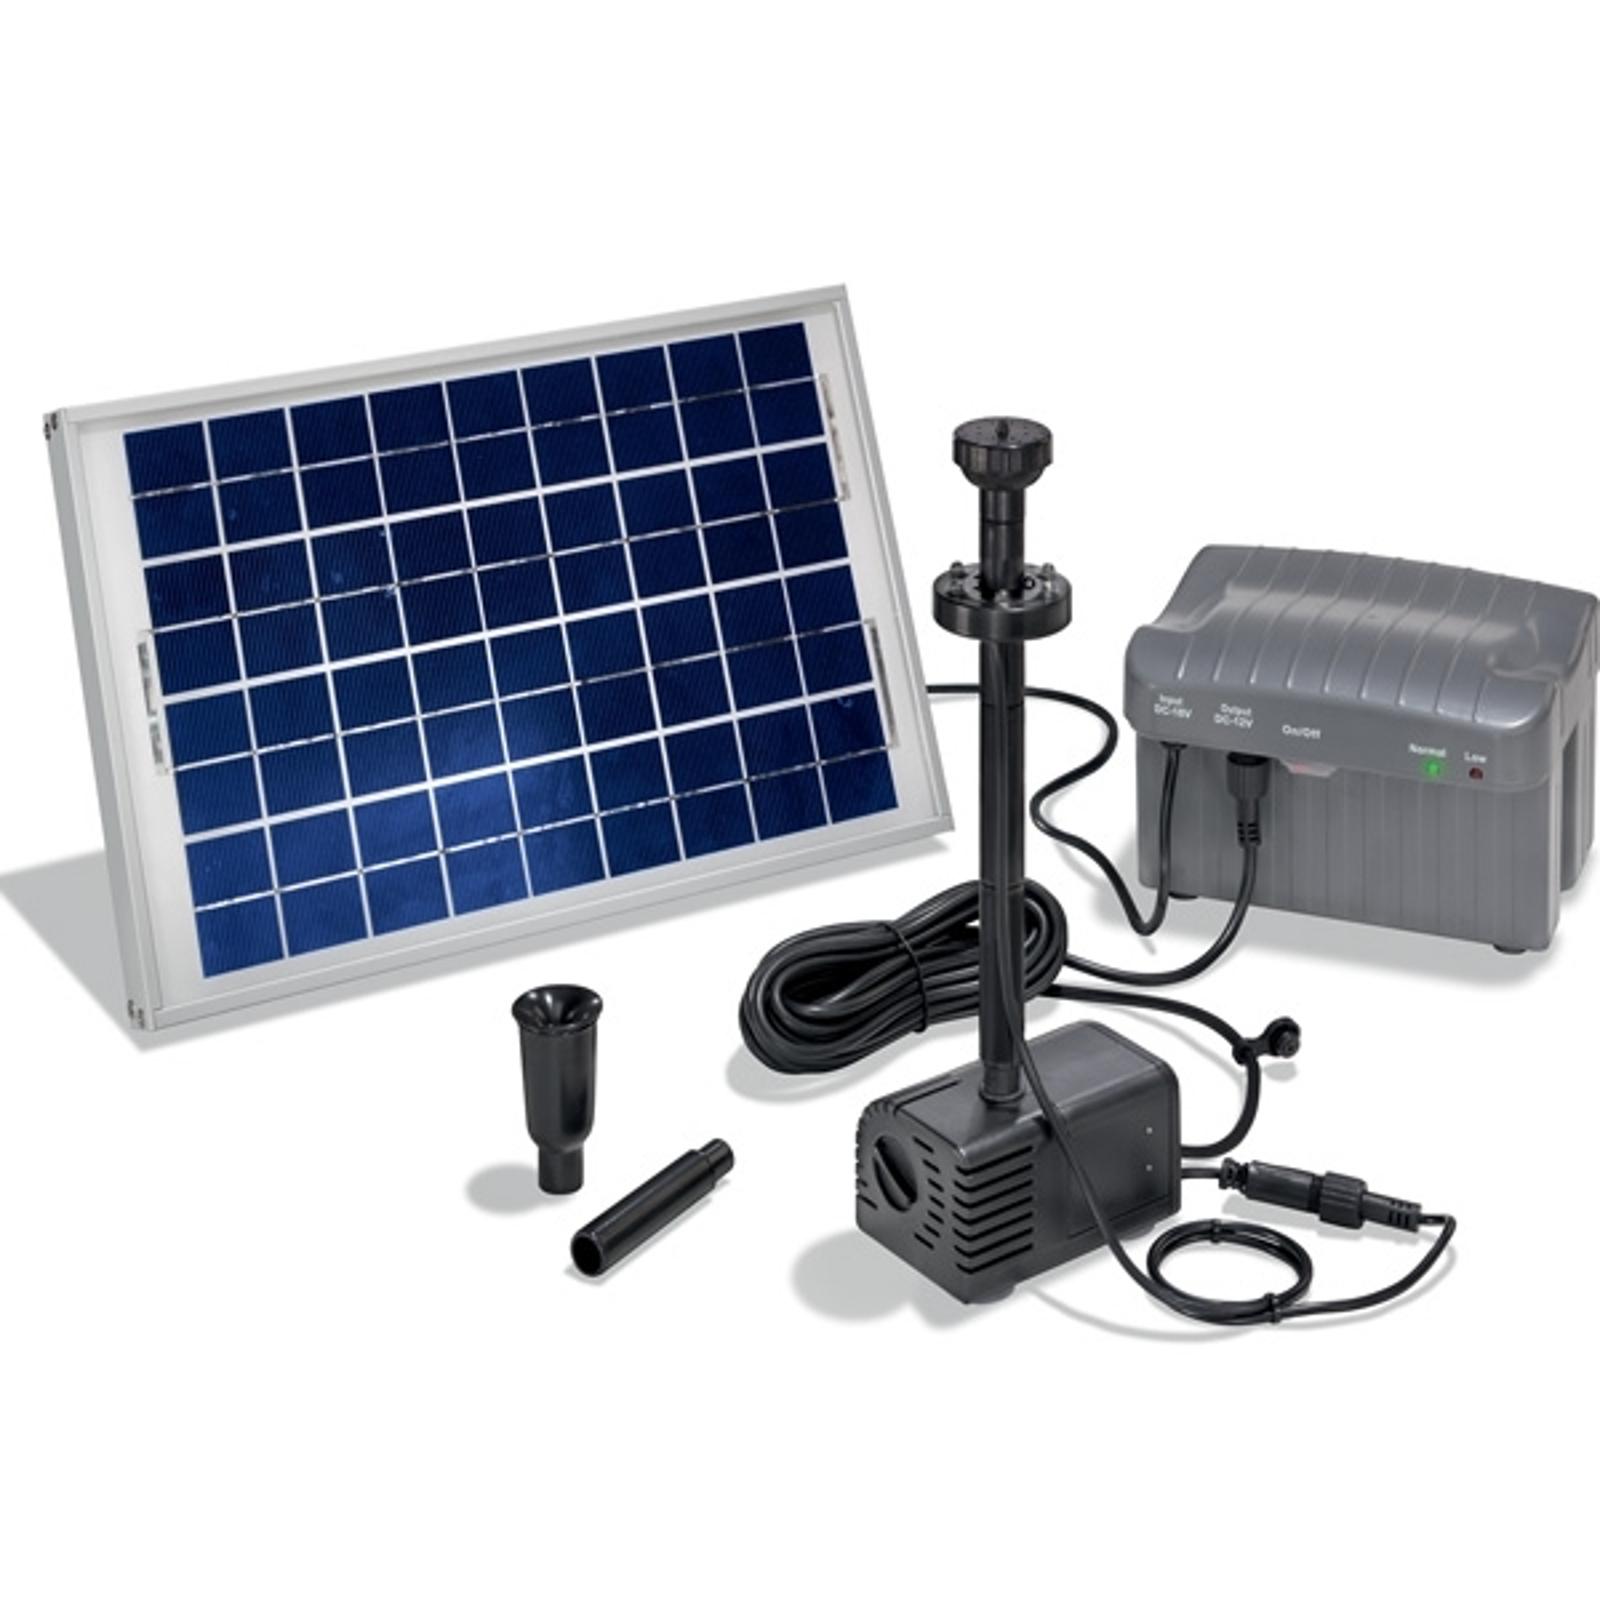 Solární čerpací systém Siena s LED